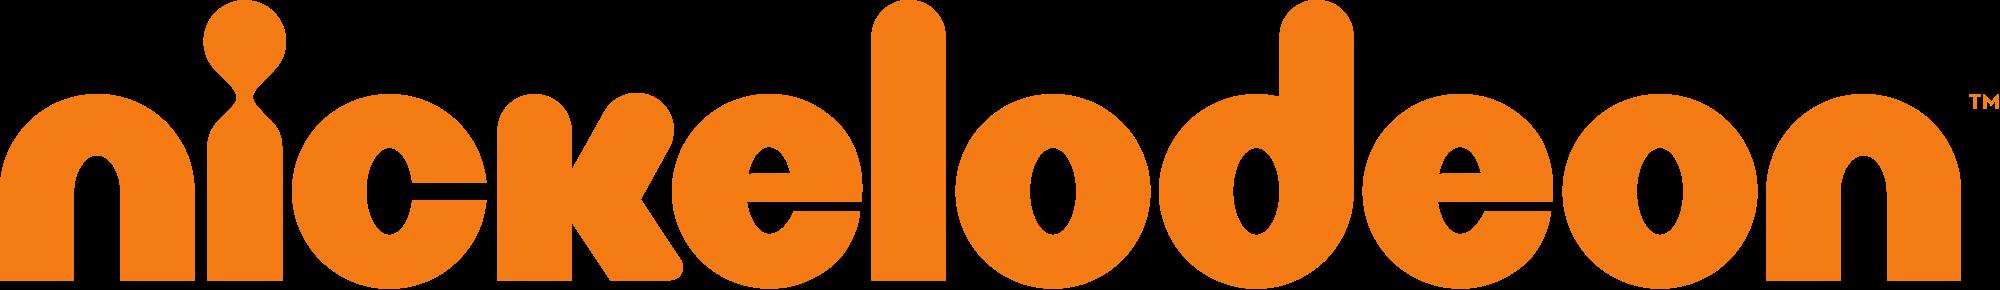 Nickelodeon | Nickelodeon | FANDOM powered by Wikia